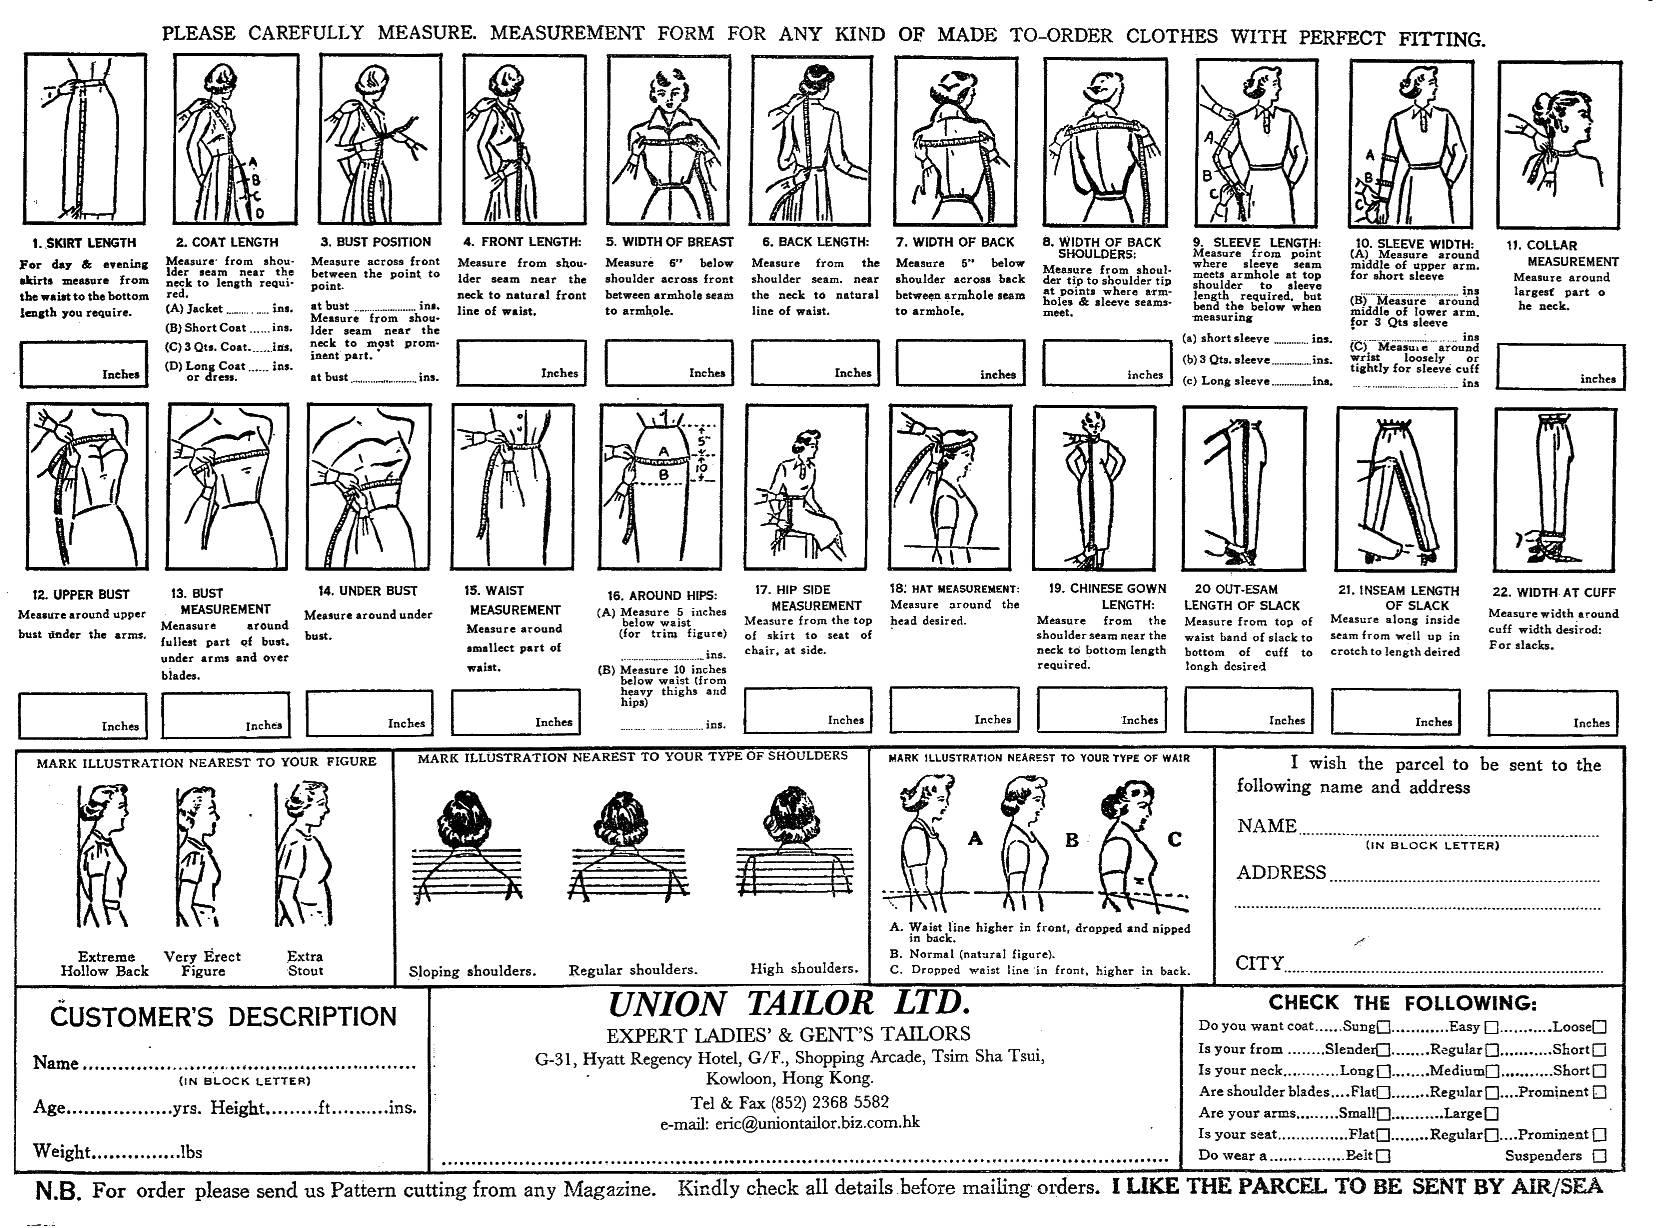 Tailor Order Form Ladies' Order Form